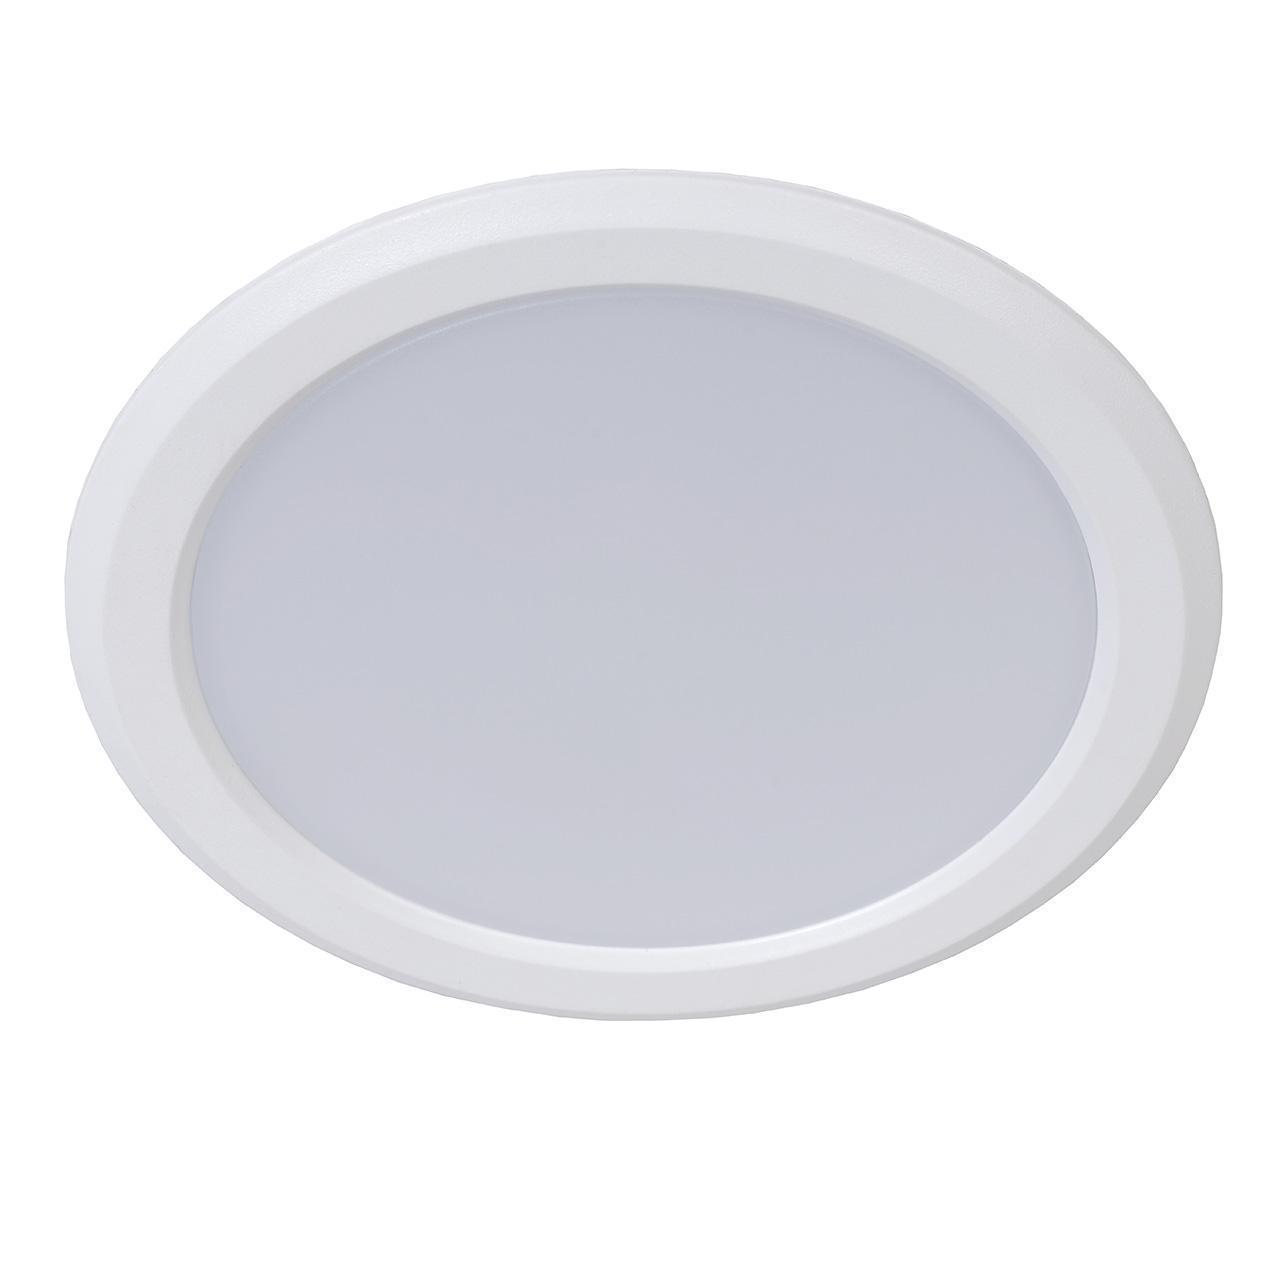 Встраиваемый светодиодный светильник Lucide Tendo-Led 07902/09/99 lucide встраиваемый светильник lucide tendo led 07901 06 31